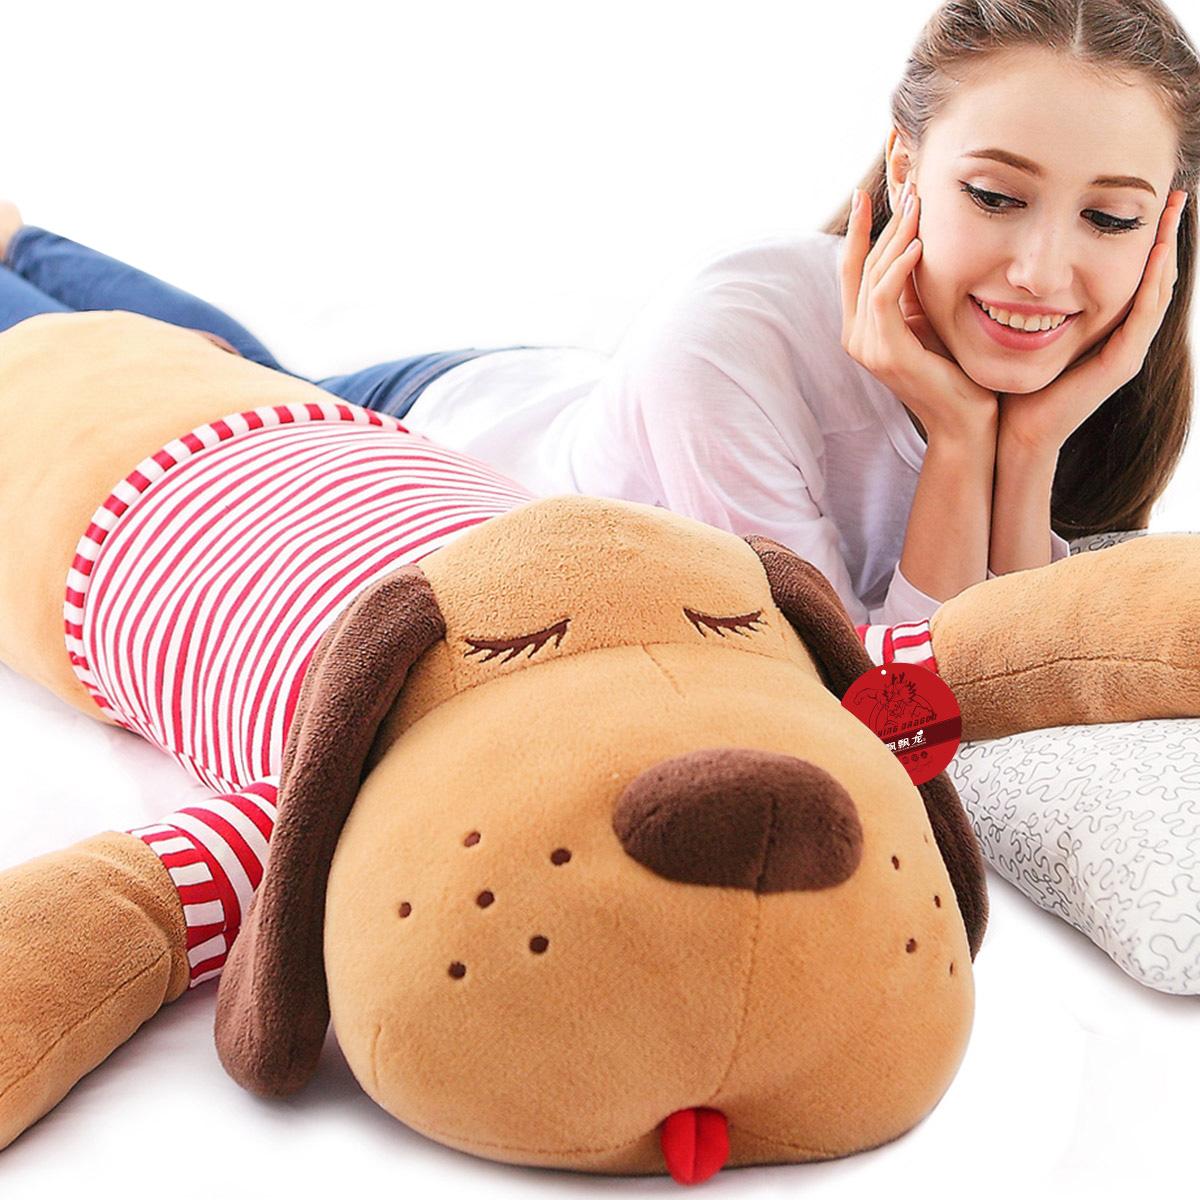 【飘飘龙】狗趴趴毛绒玩具礼物 50厘米